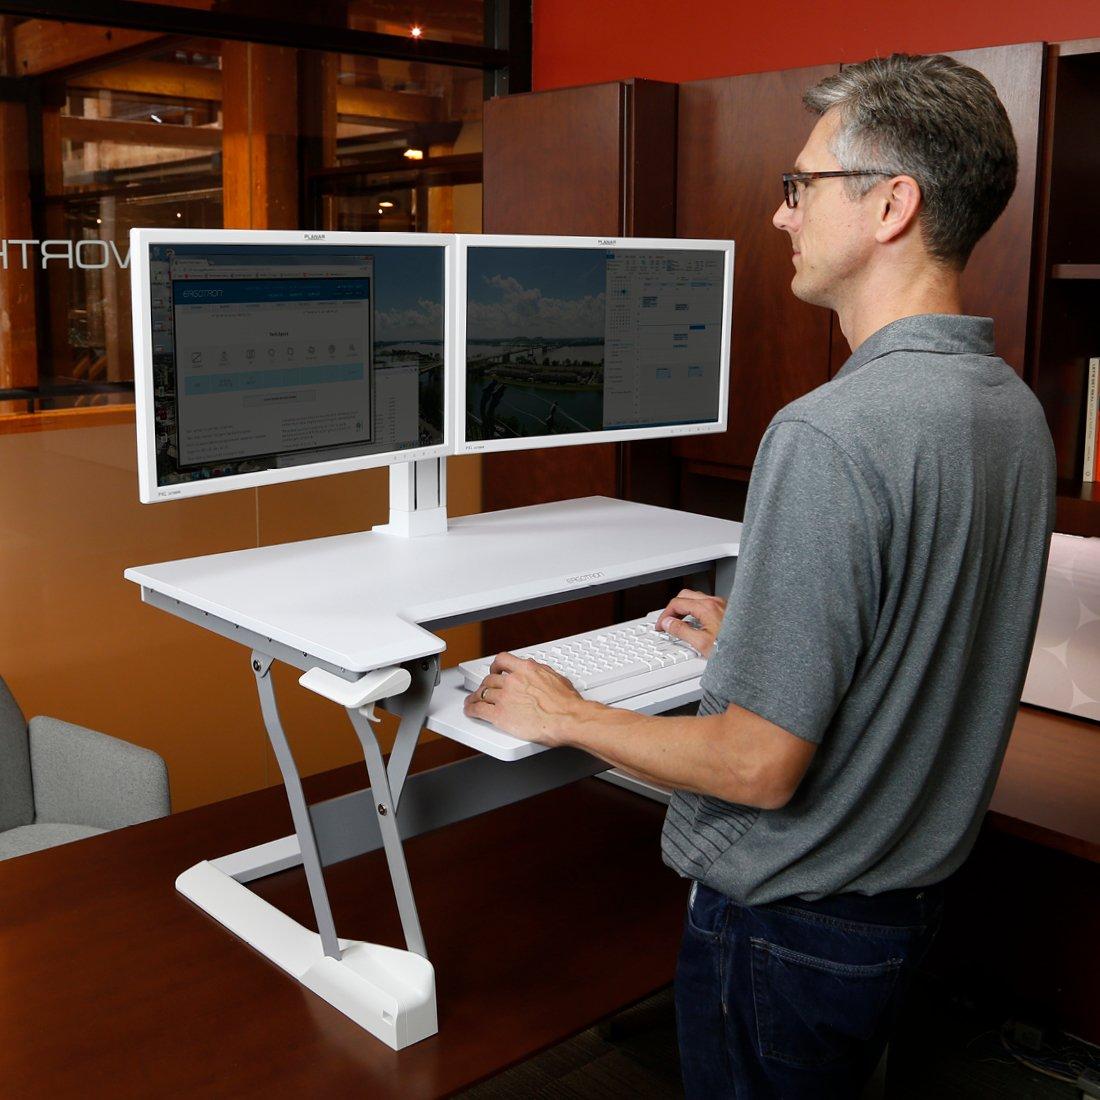 Ergotron Sit-Stand Desk Converter